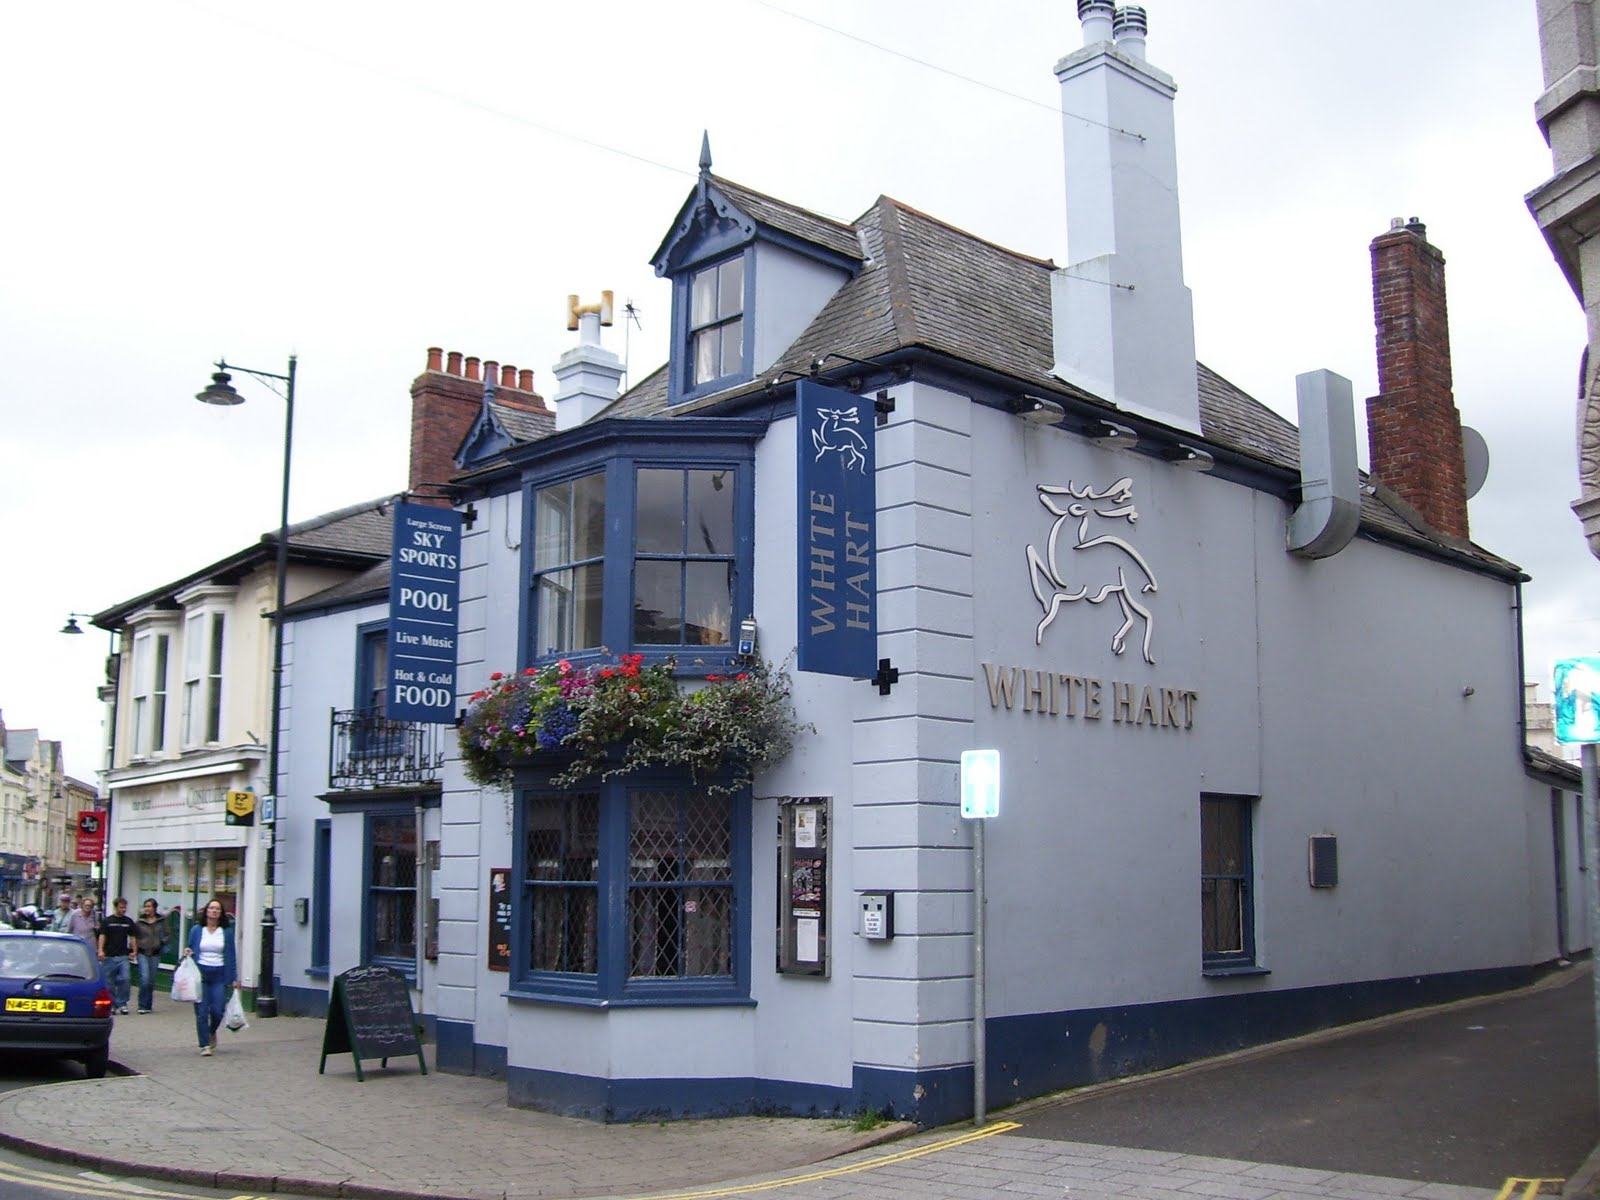 White Hart, Cambourne, Cornwall